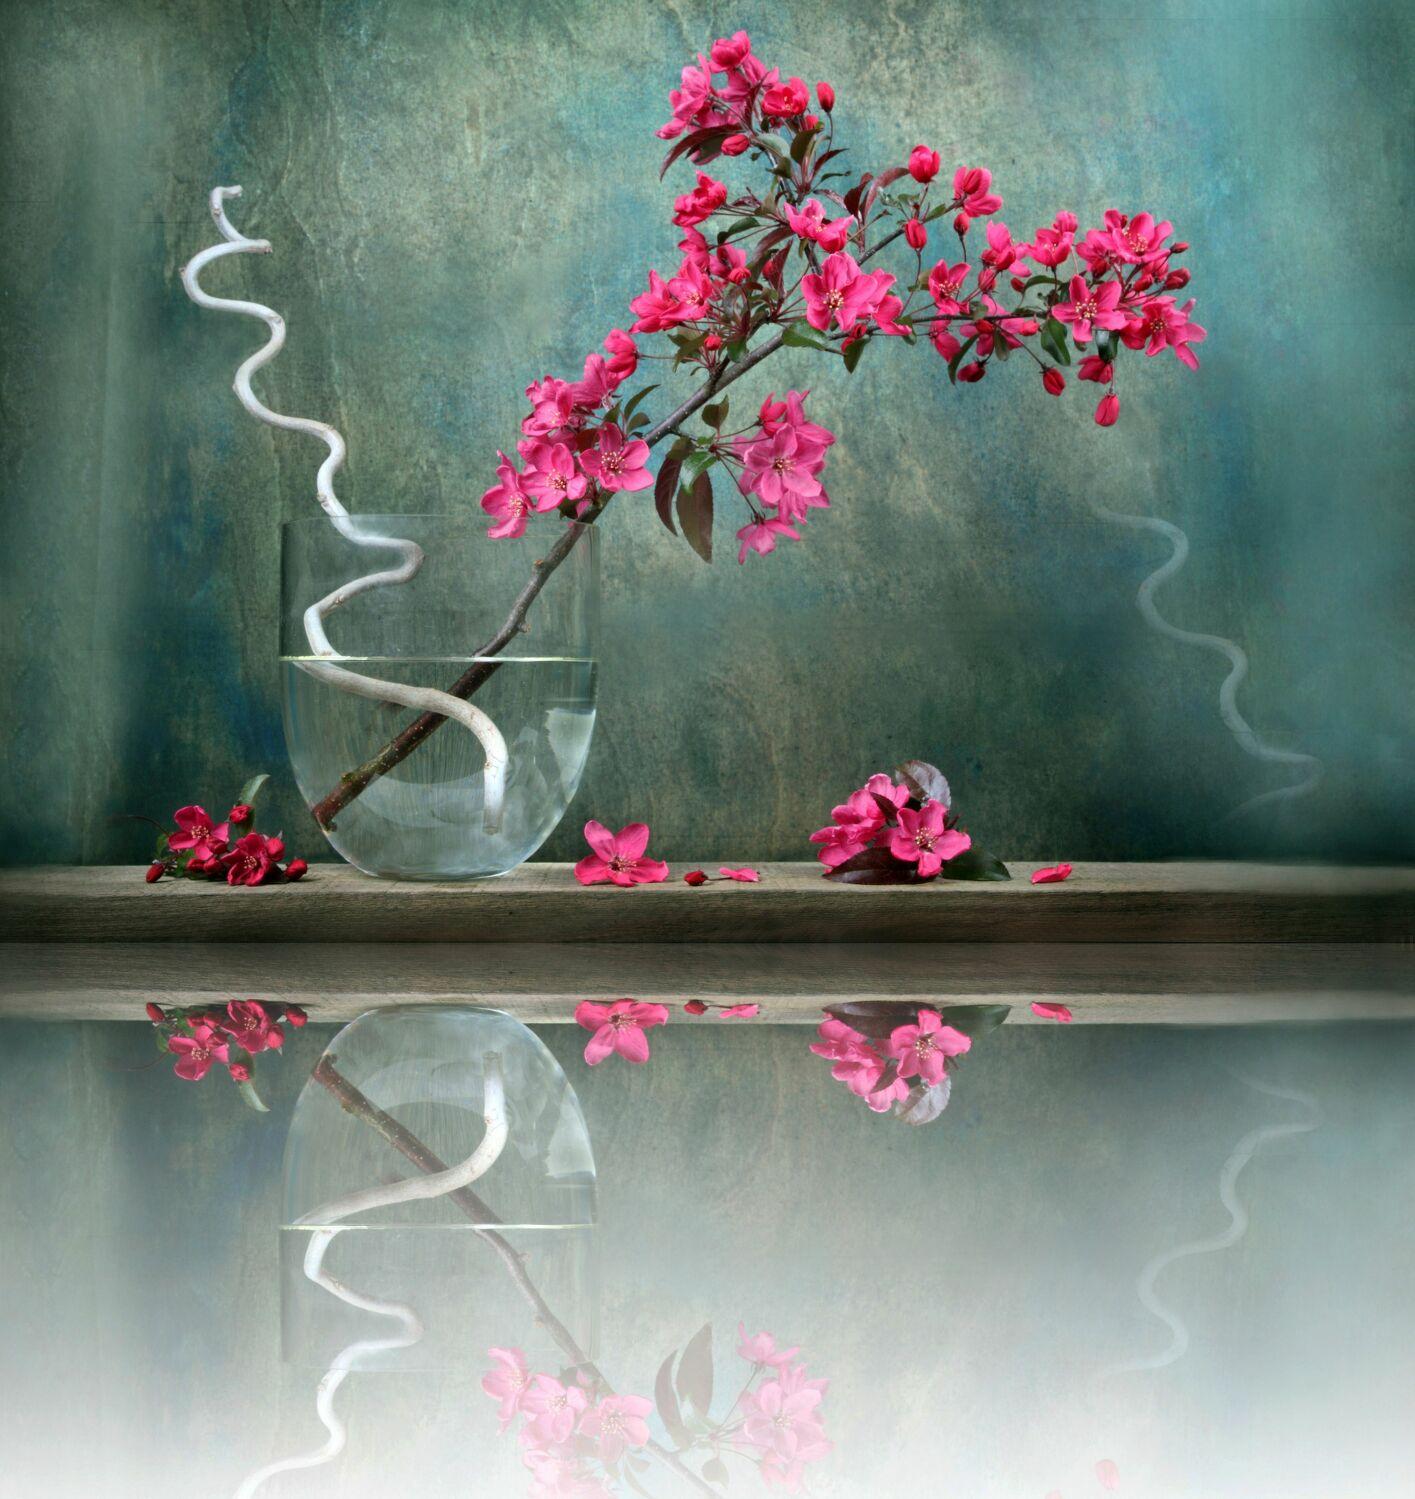 Bild mit Pflanzen, Reflexion, Blumen, Blume, Pflanze, Spiegelung, Floral, Stilleben, Blüten, Florales, Wellness, Textur, blüte, Zweige, Blumenvase, Zweig, zen, vase